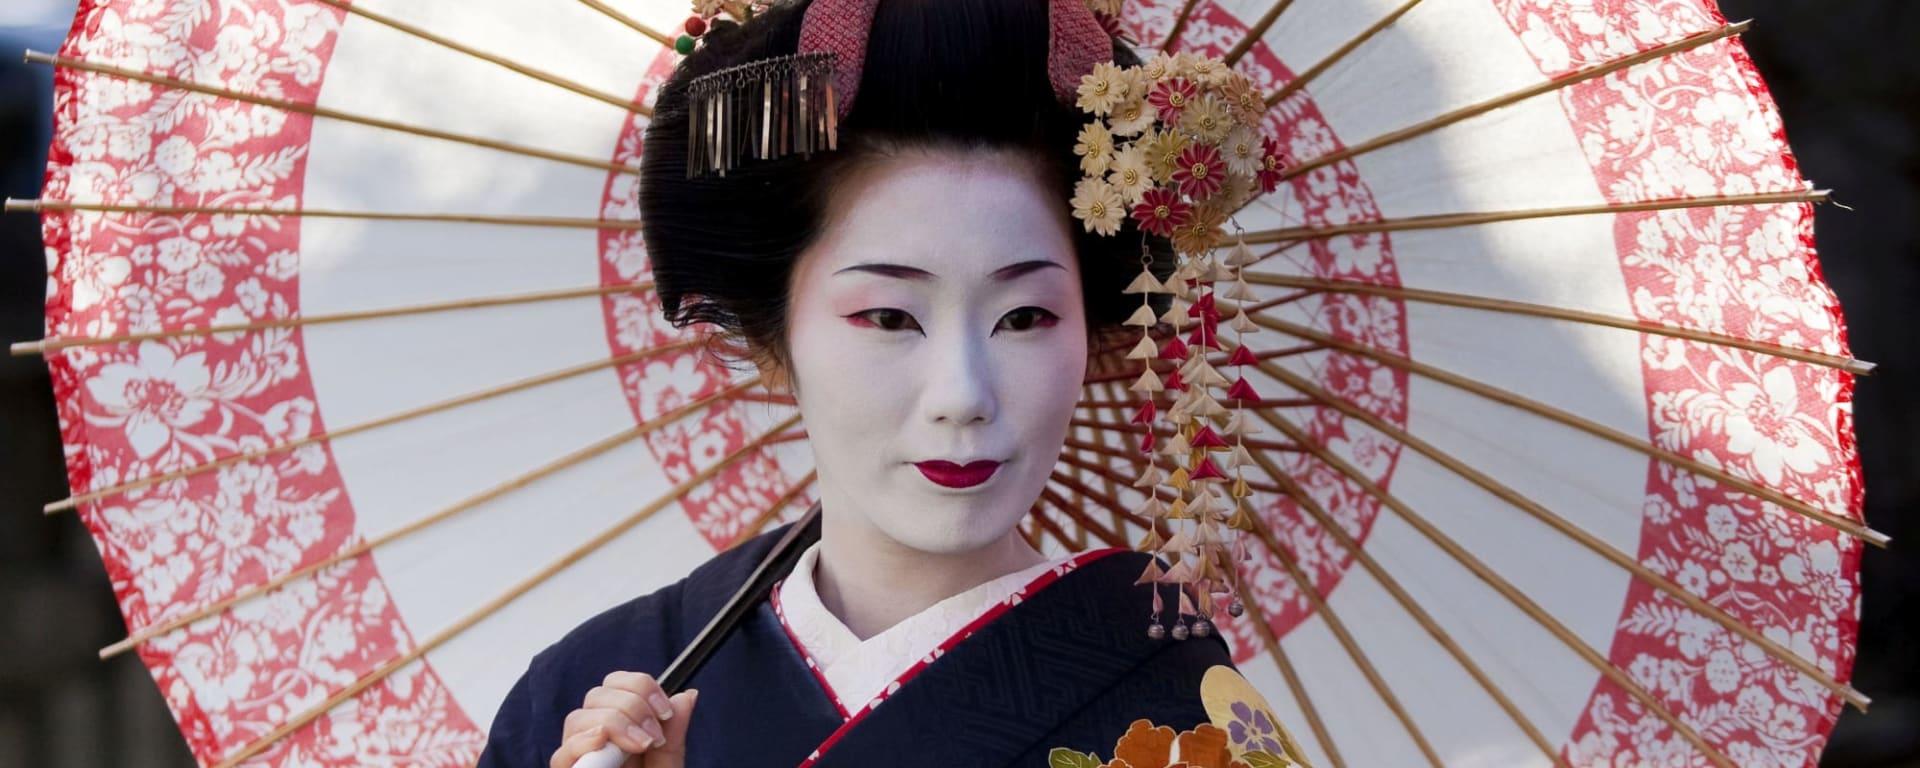 Japan entdecken mit Tischler Reisen: Japan Geisha mit Schirm